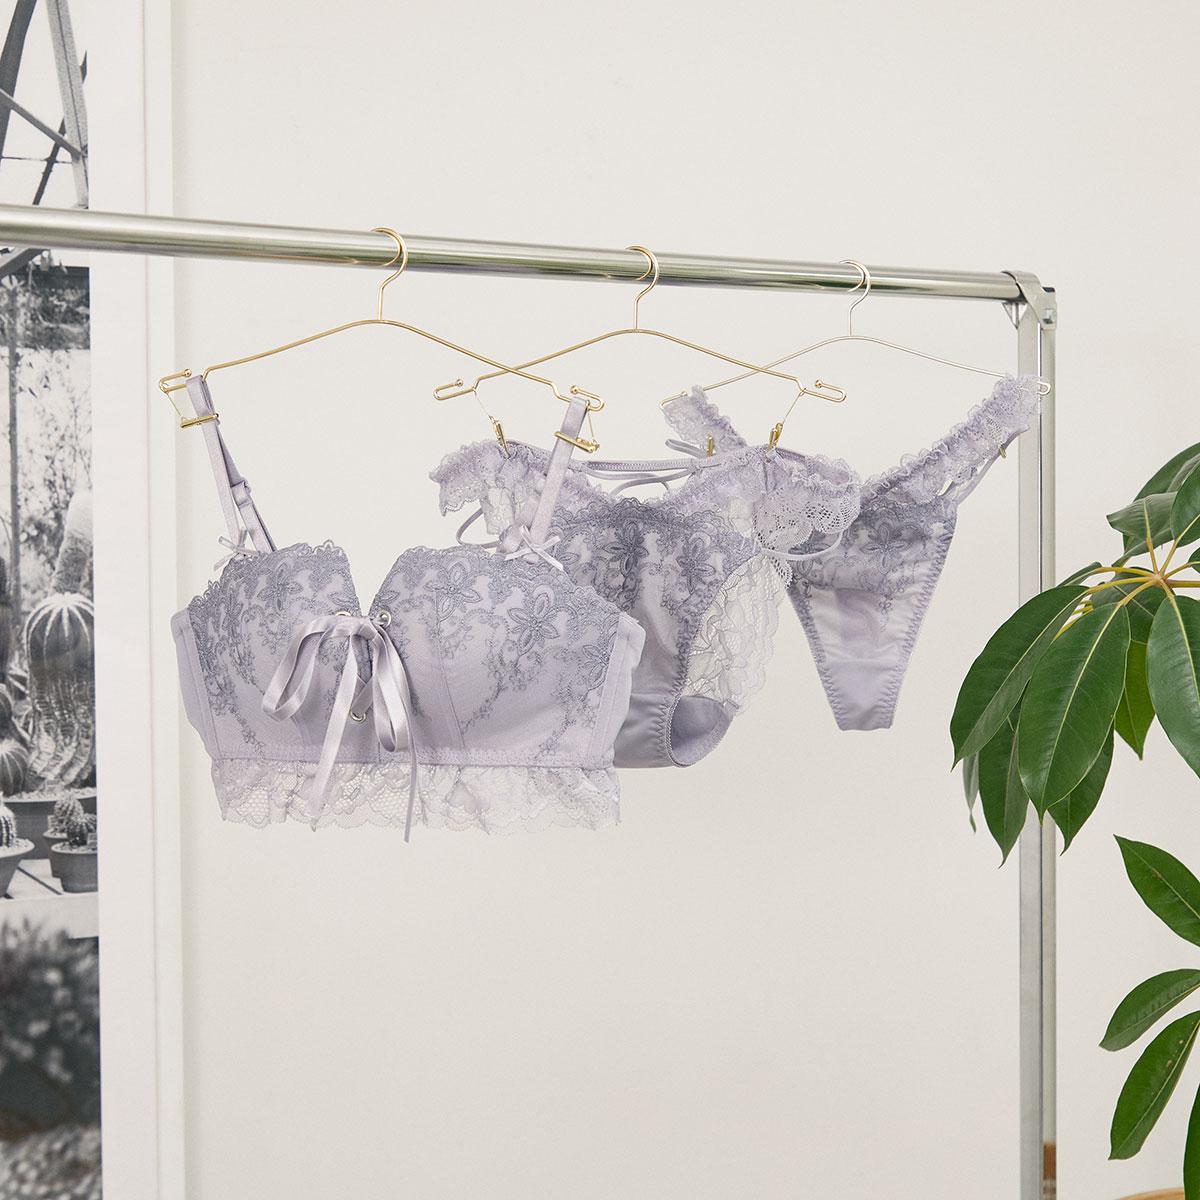 フェミニンレースアップブラ&ショーツ、Tバック (Feminine Lace Up Bra&Shorts、T-back)